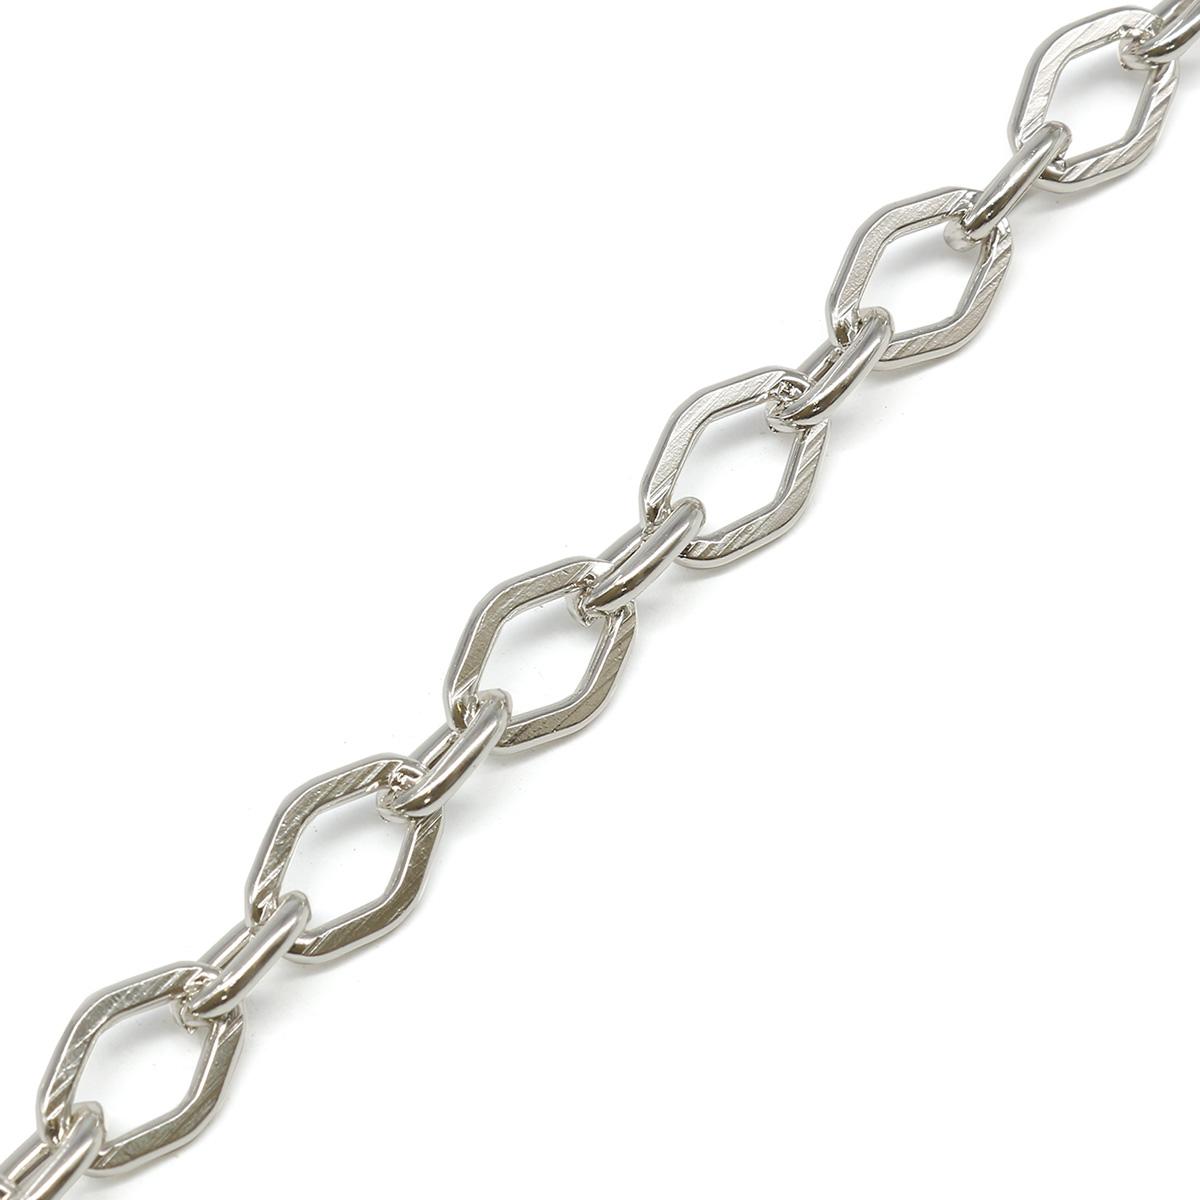 K16604 Цепь алюминиевая 12,8мм*9,5мм + 7,6мм*5,7мм, боб(10м)